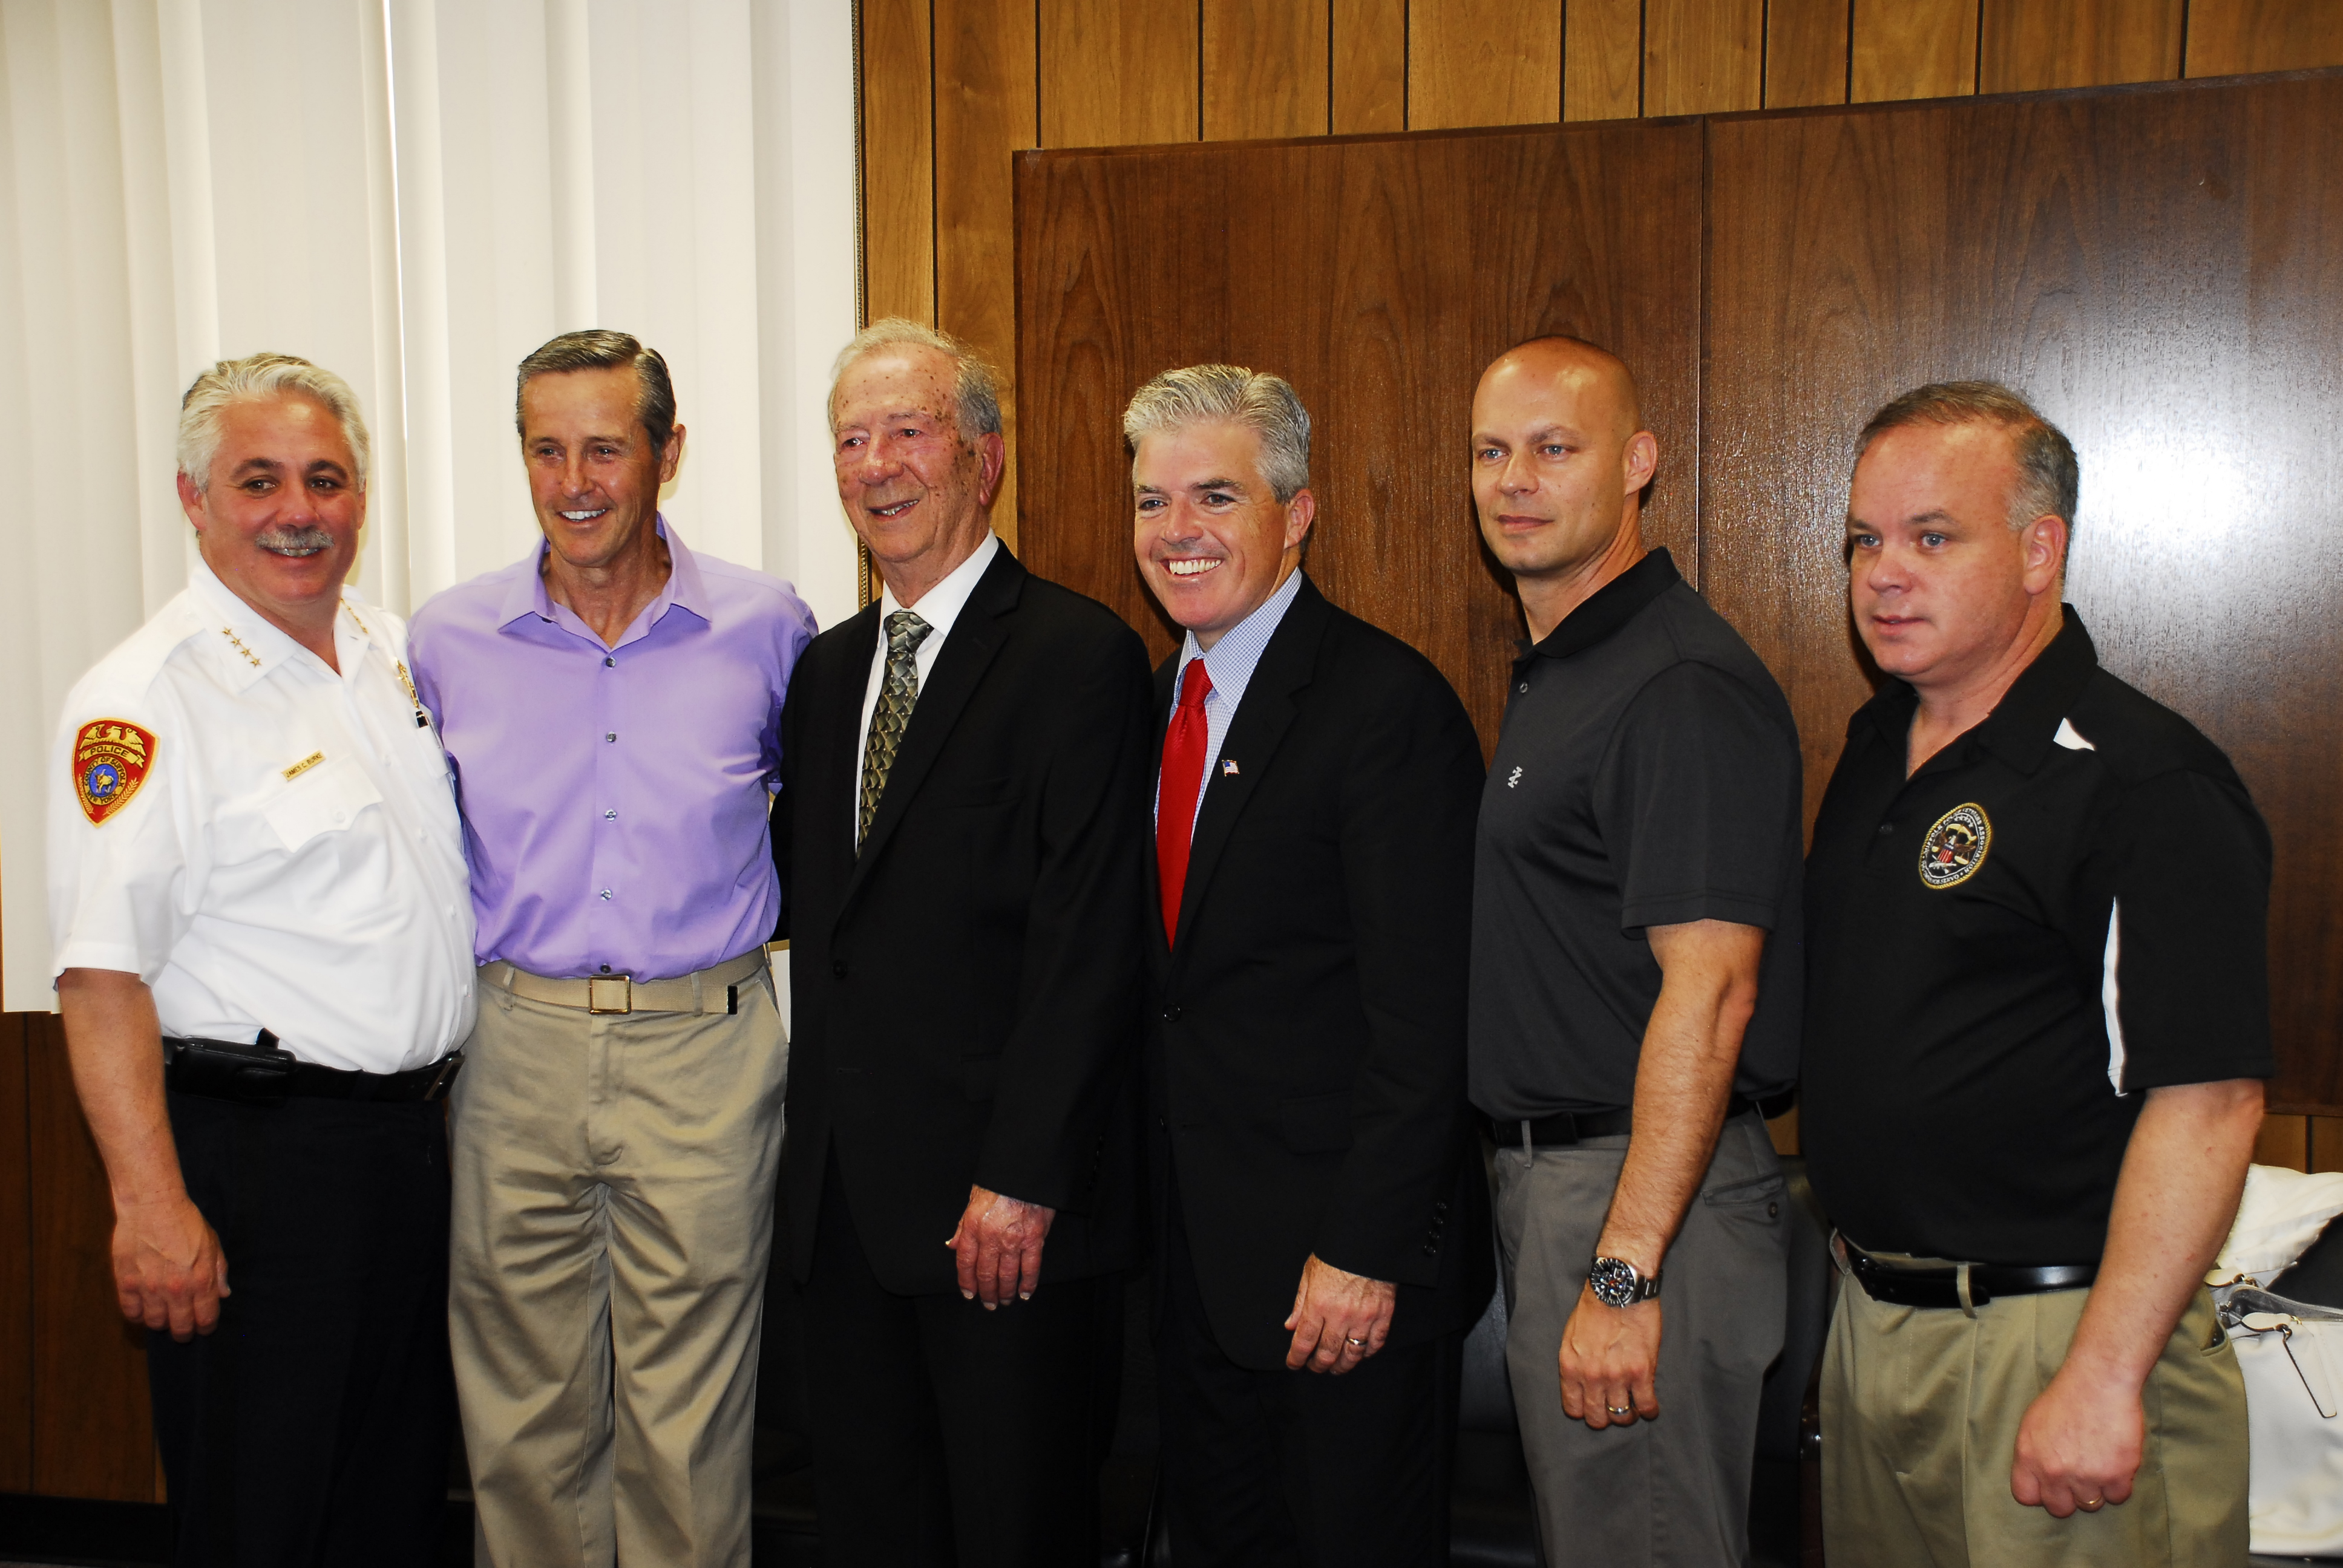 SCPD Honored WW II Veteran Frank Agoglia At Reception